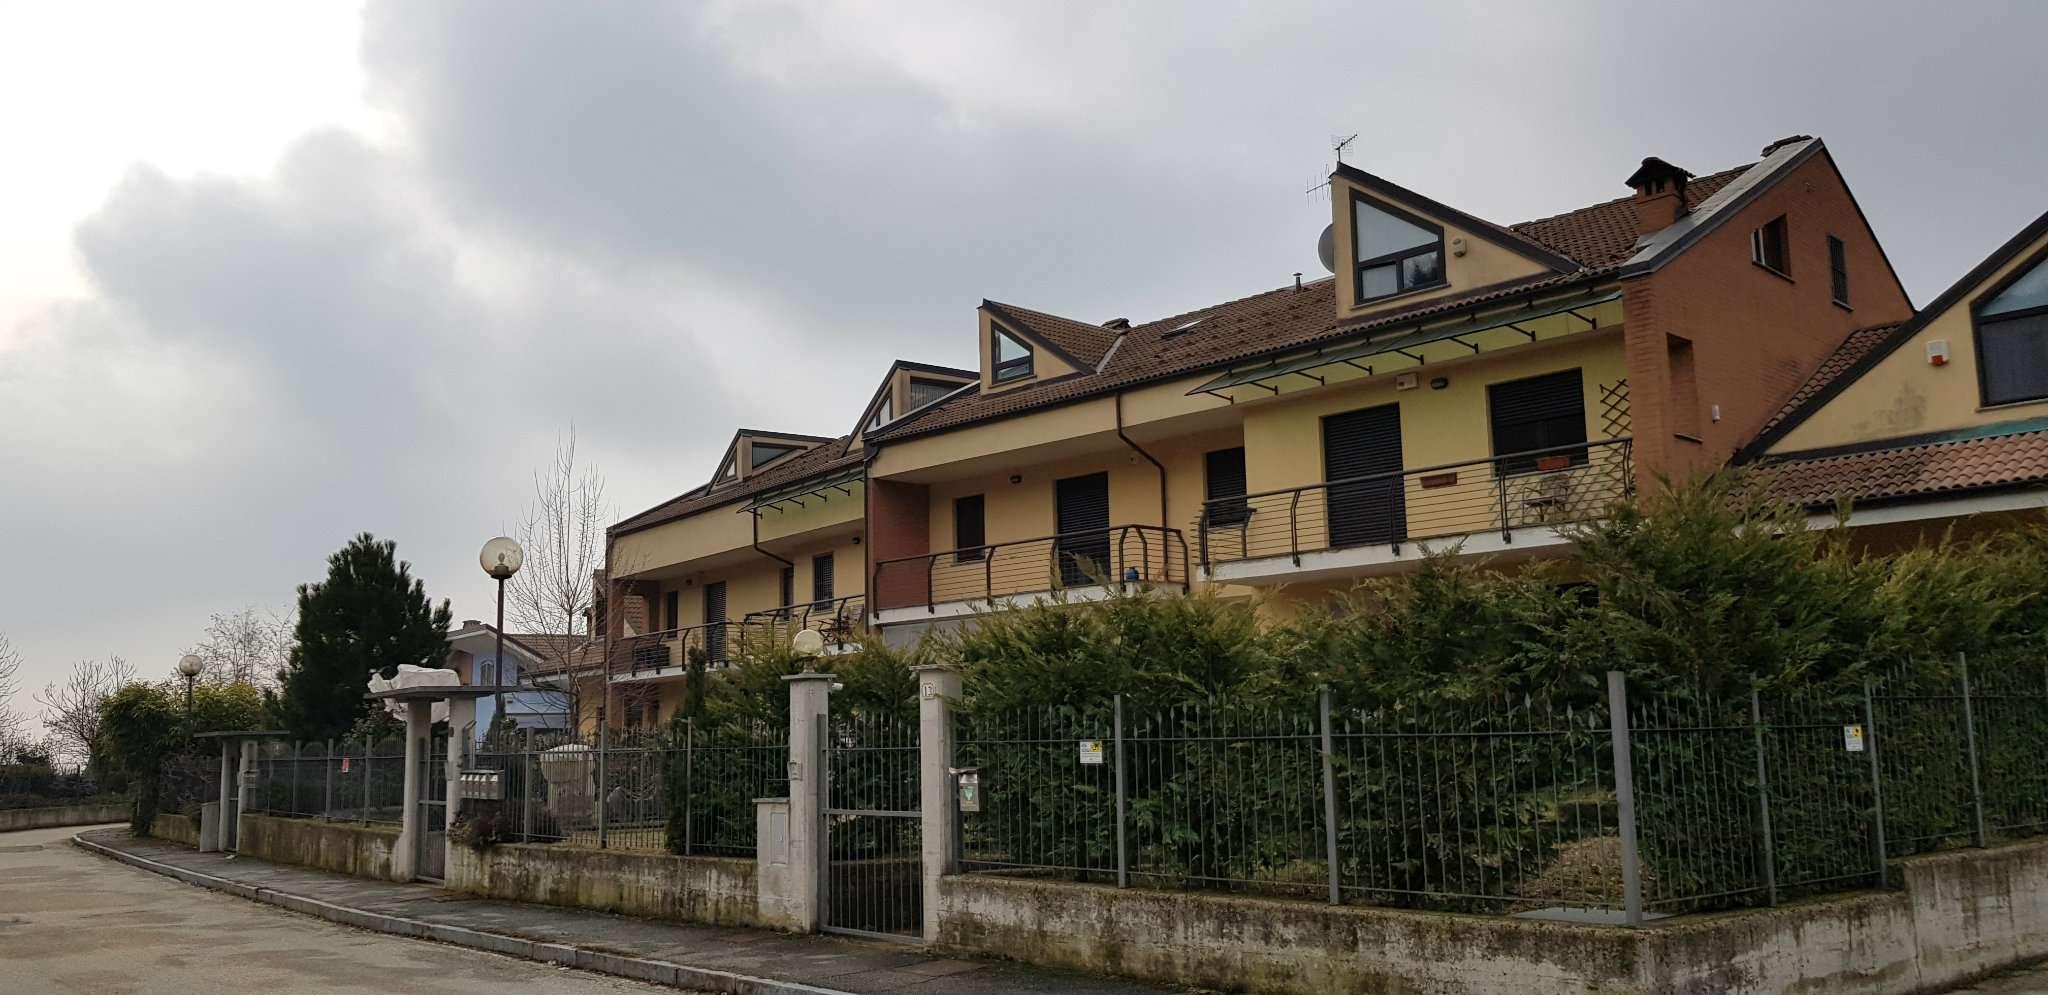 Appartamento in vendita a Cumiana, 3 locali, prezzo € 93.000 | CambioCasa.it